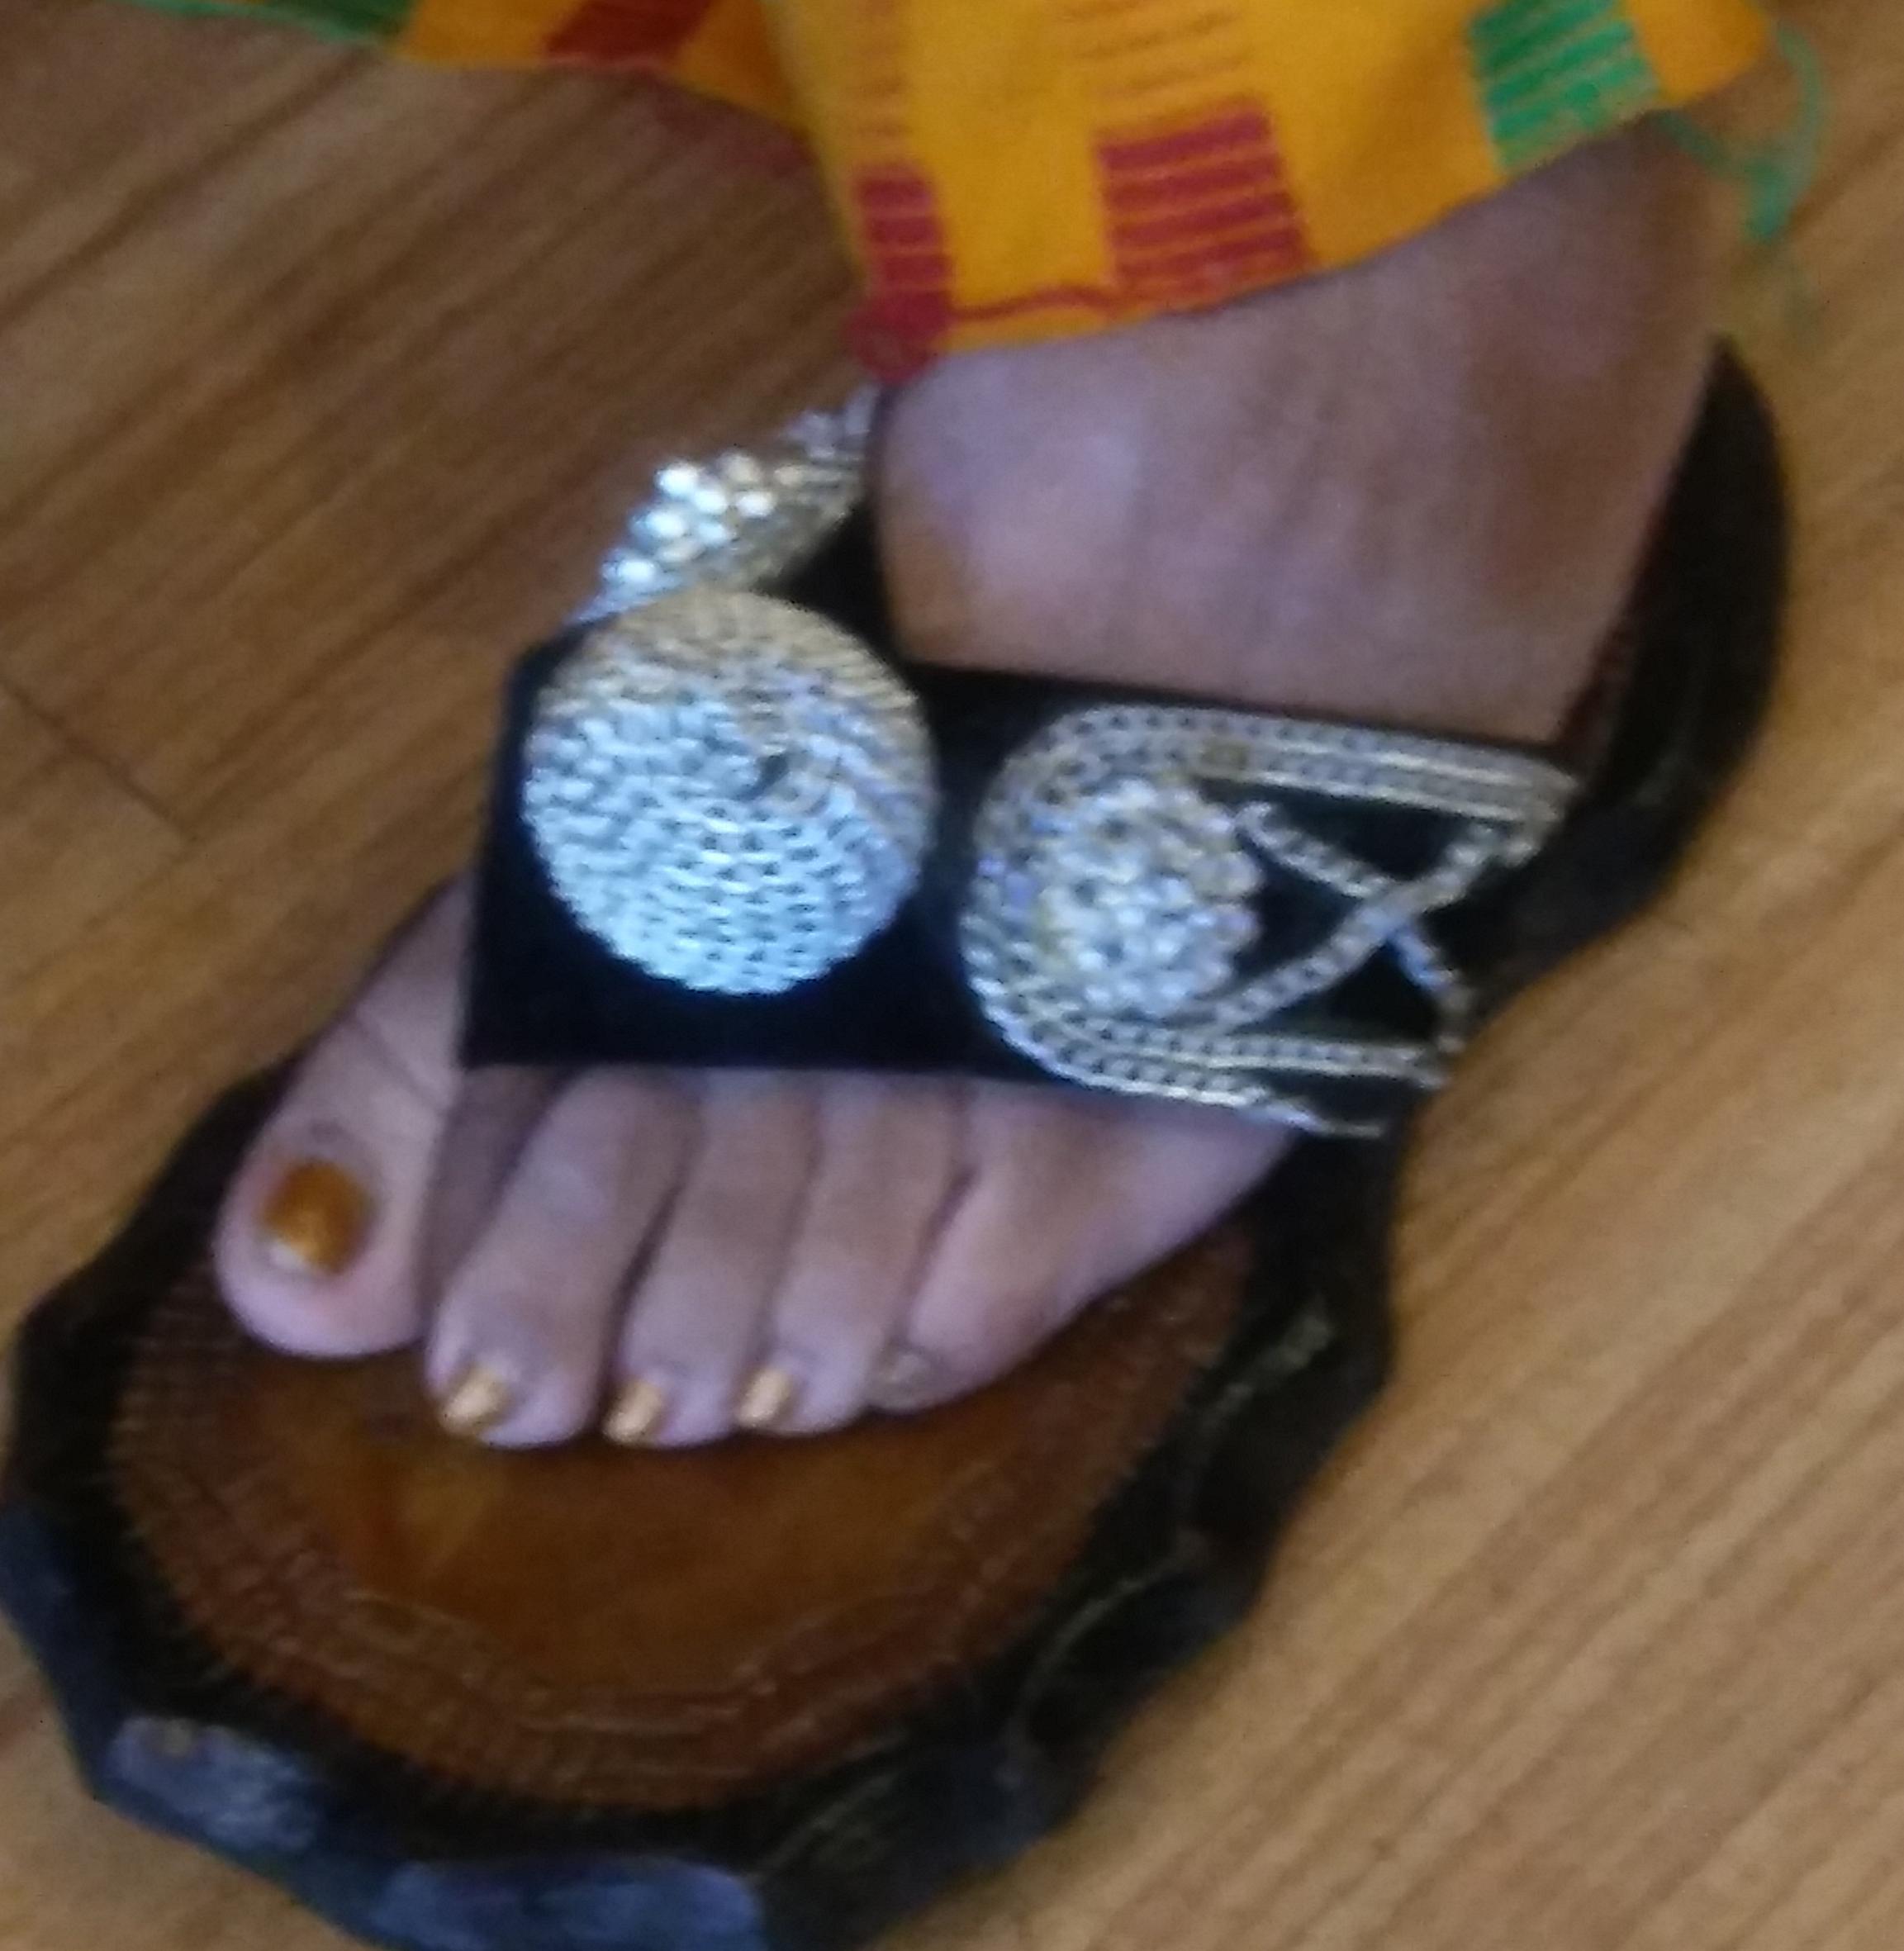 her shoe